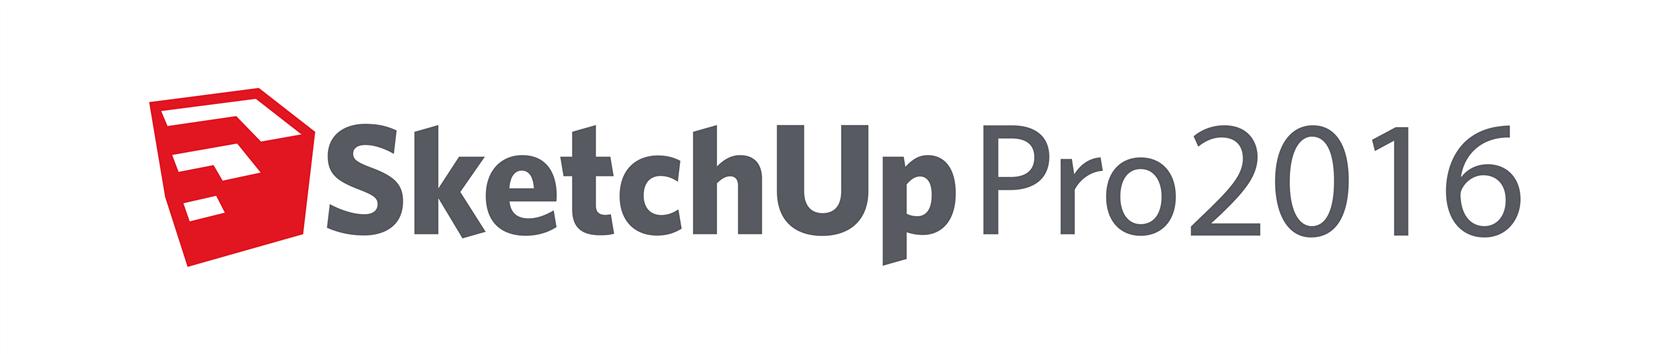 Sketchup Pro 2016 logo-02 - Sketchup Logo Vector PNG